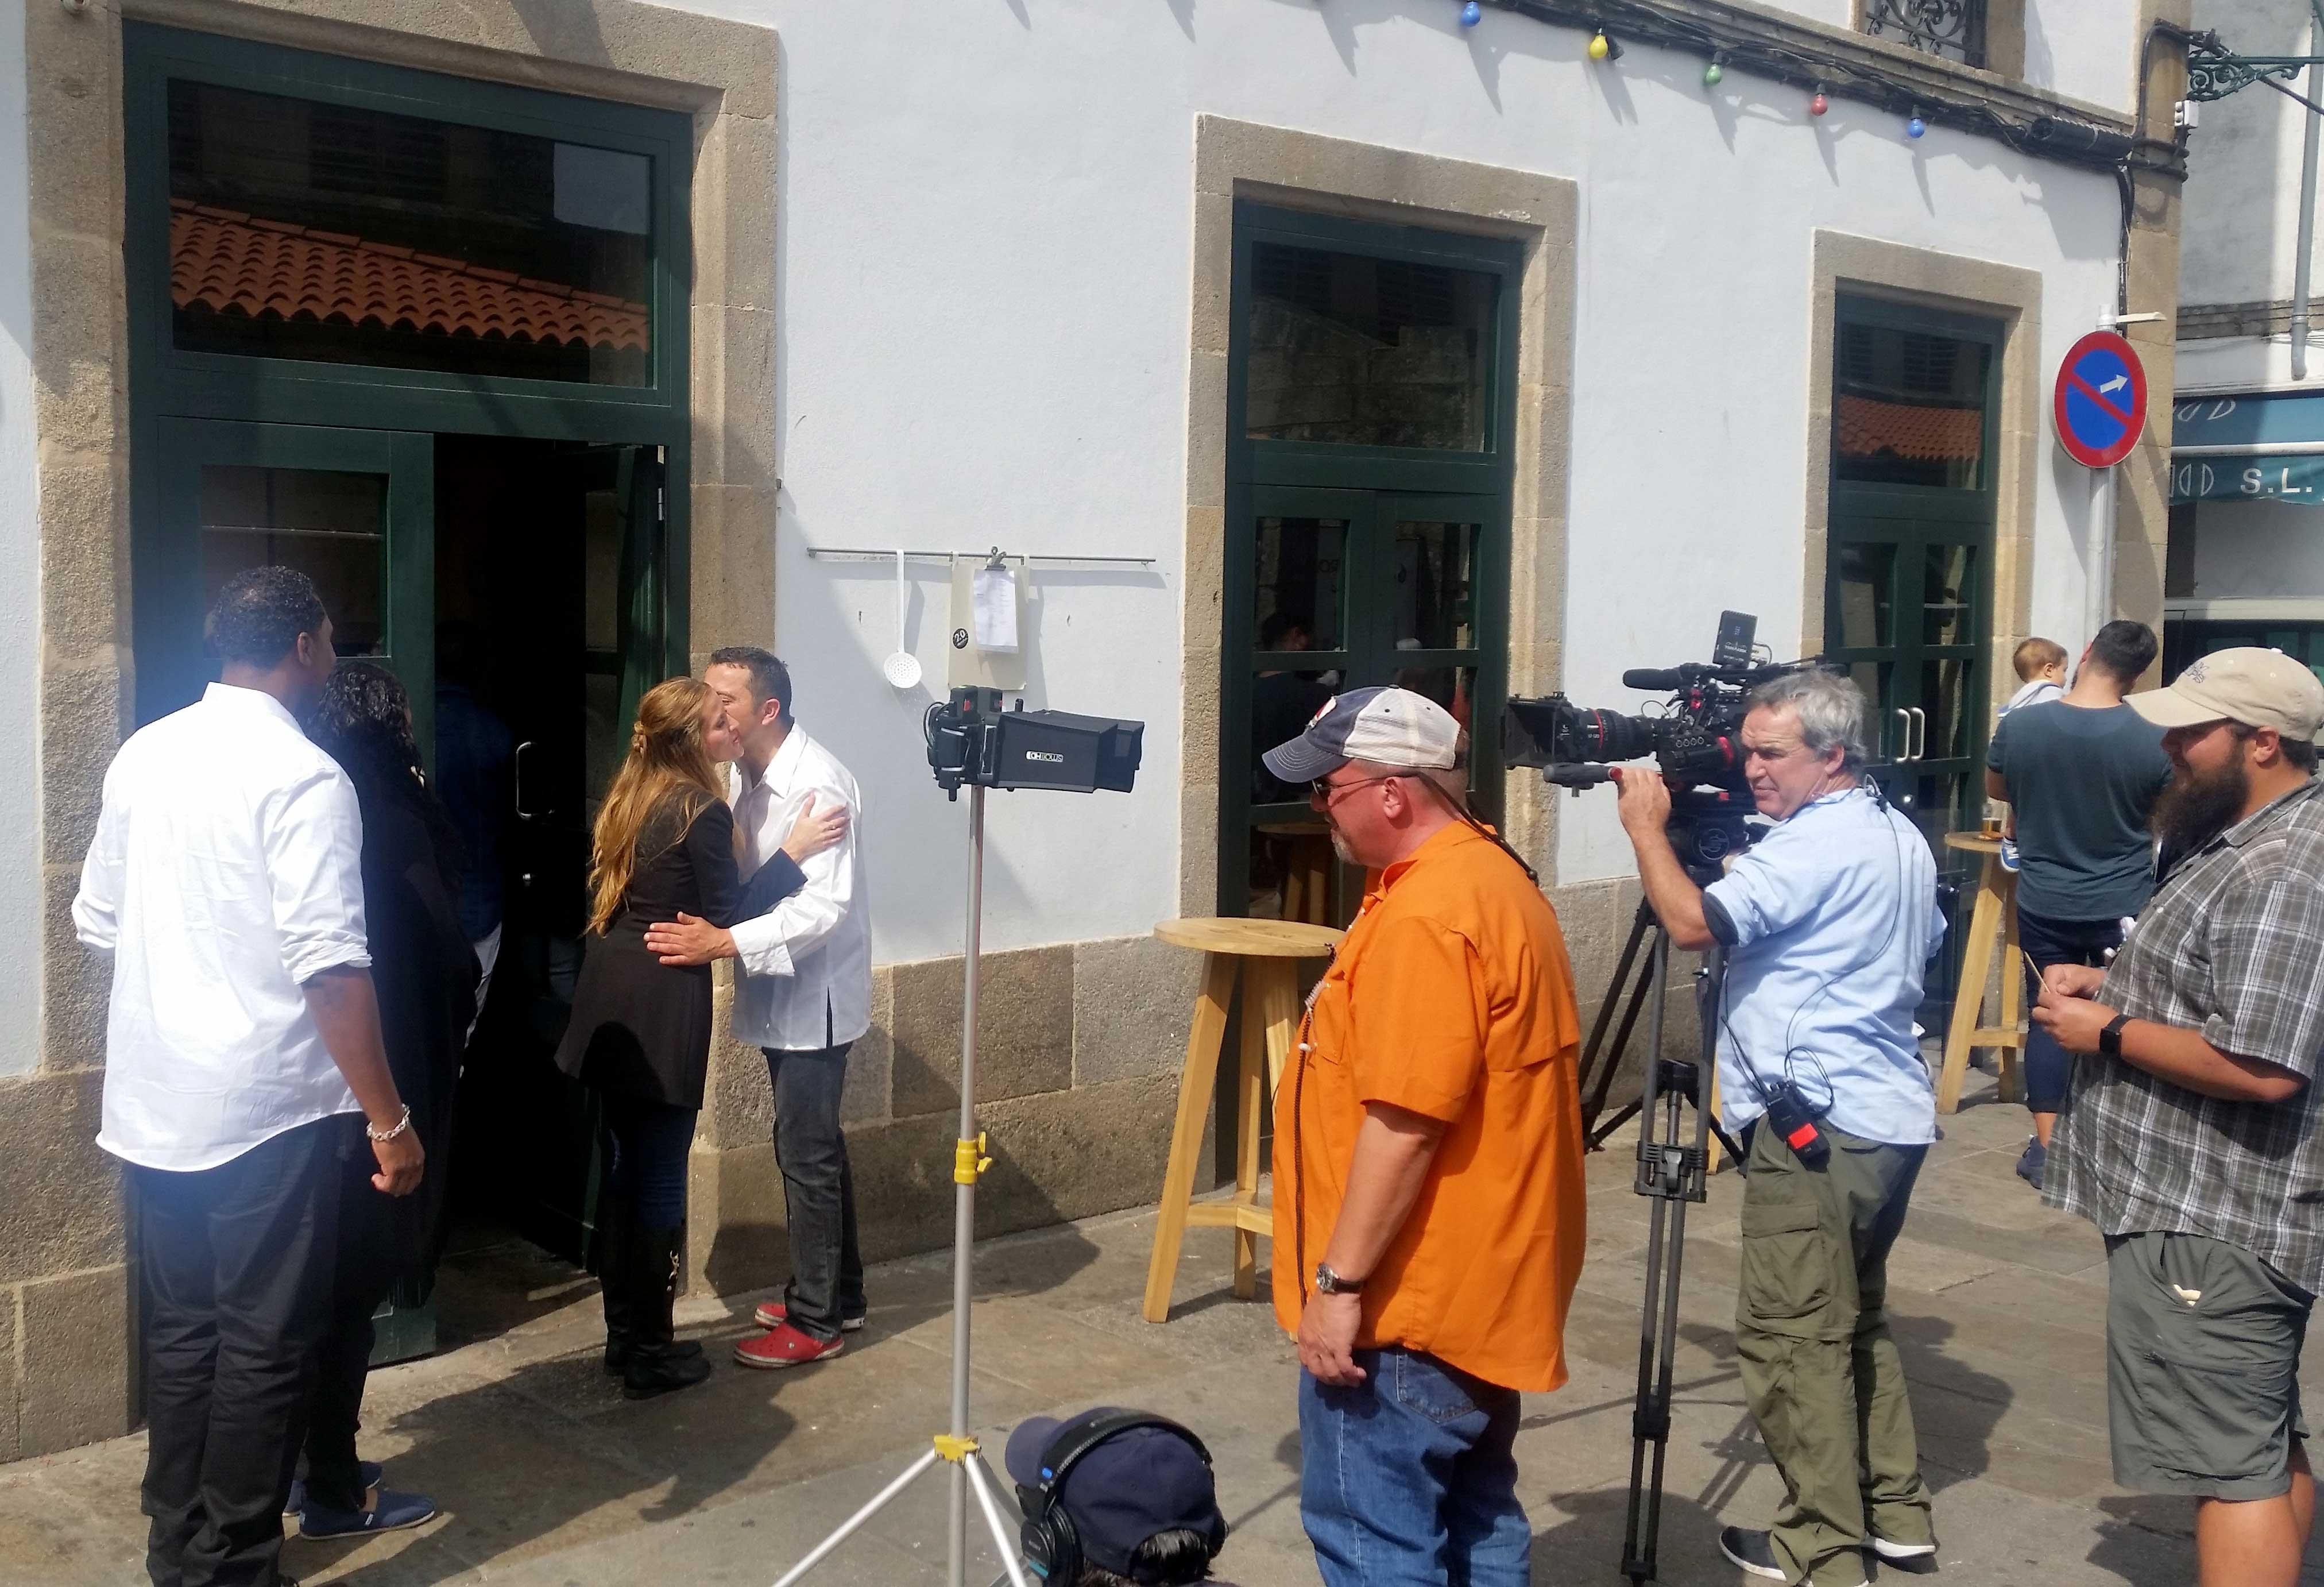 Secuencia de rodaje con el presentador y el cocinero Marcos Cerqueiro - FOTO: ESTEBAN DE LA IGLESIA